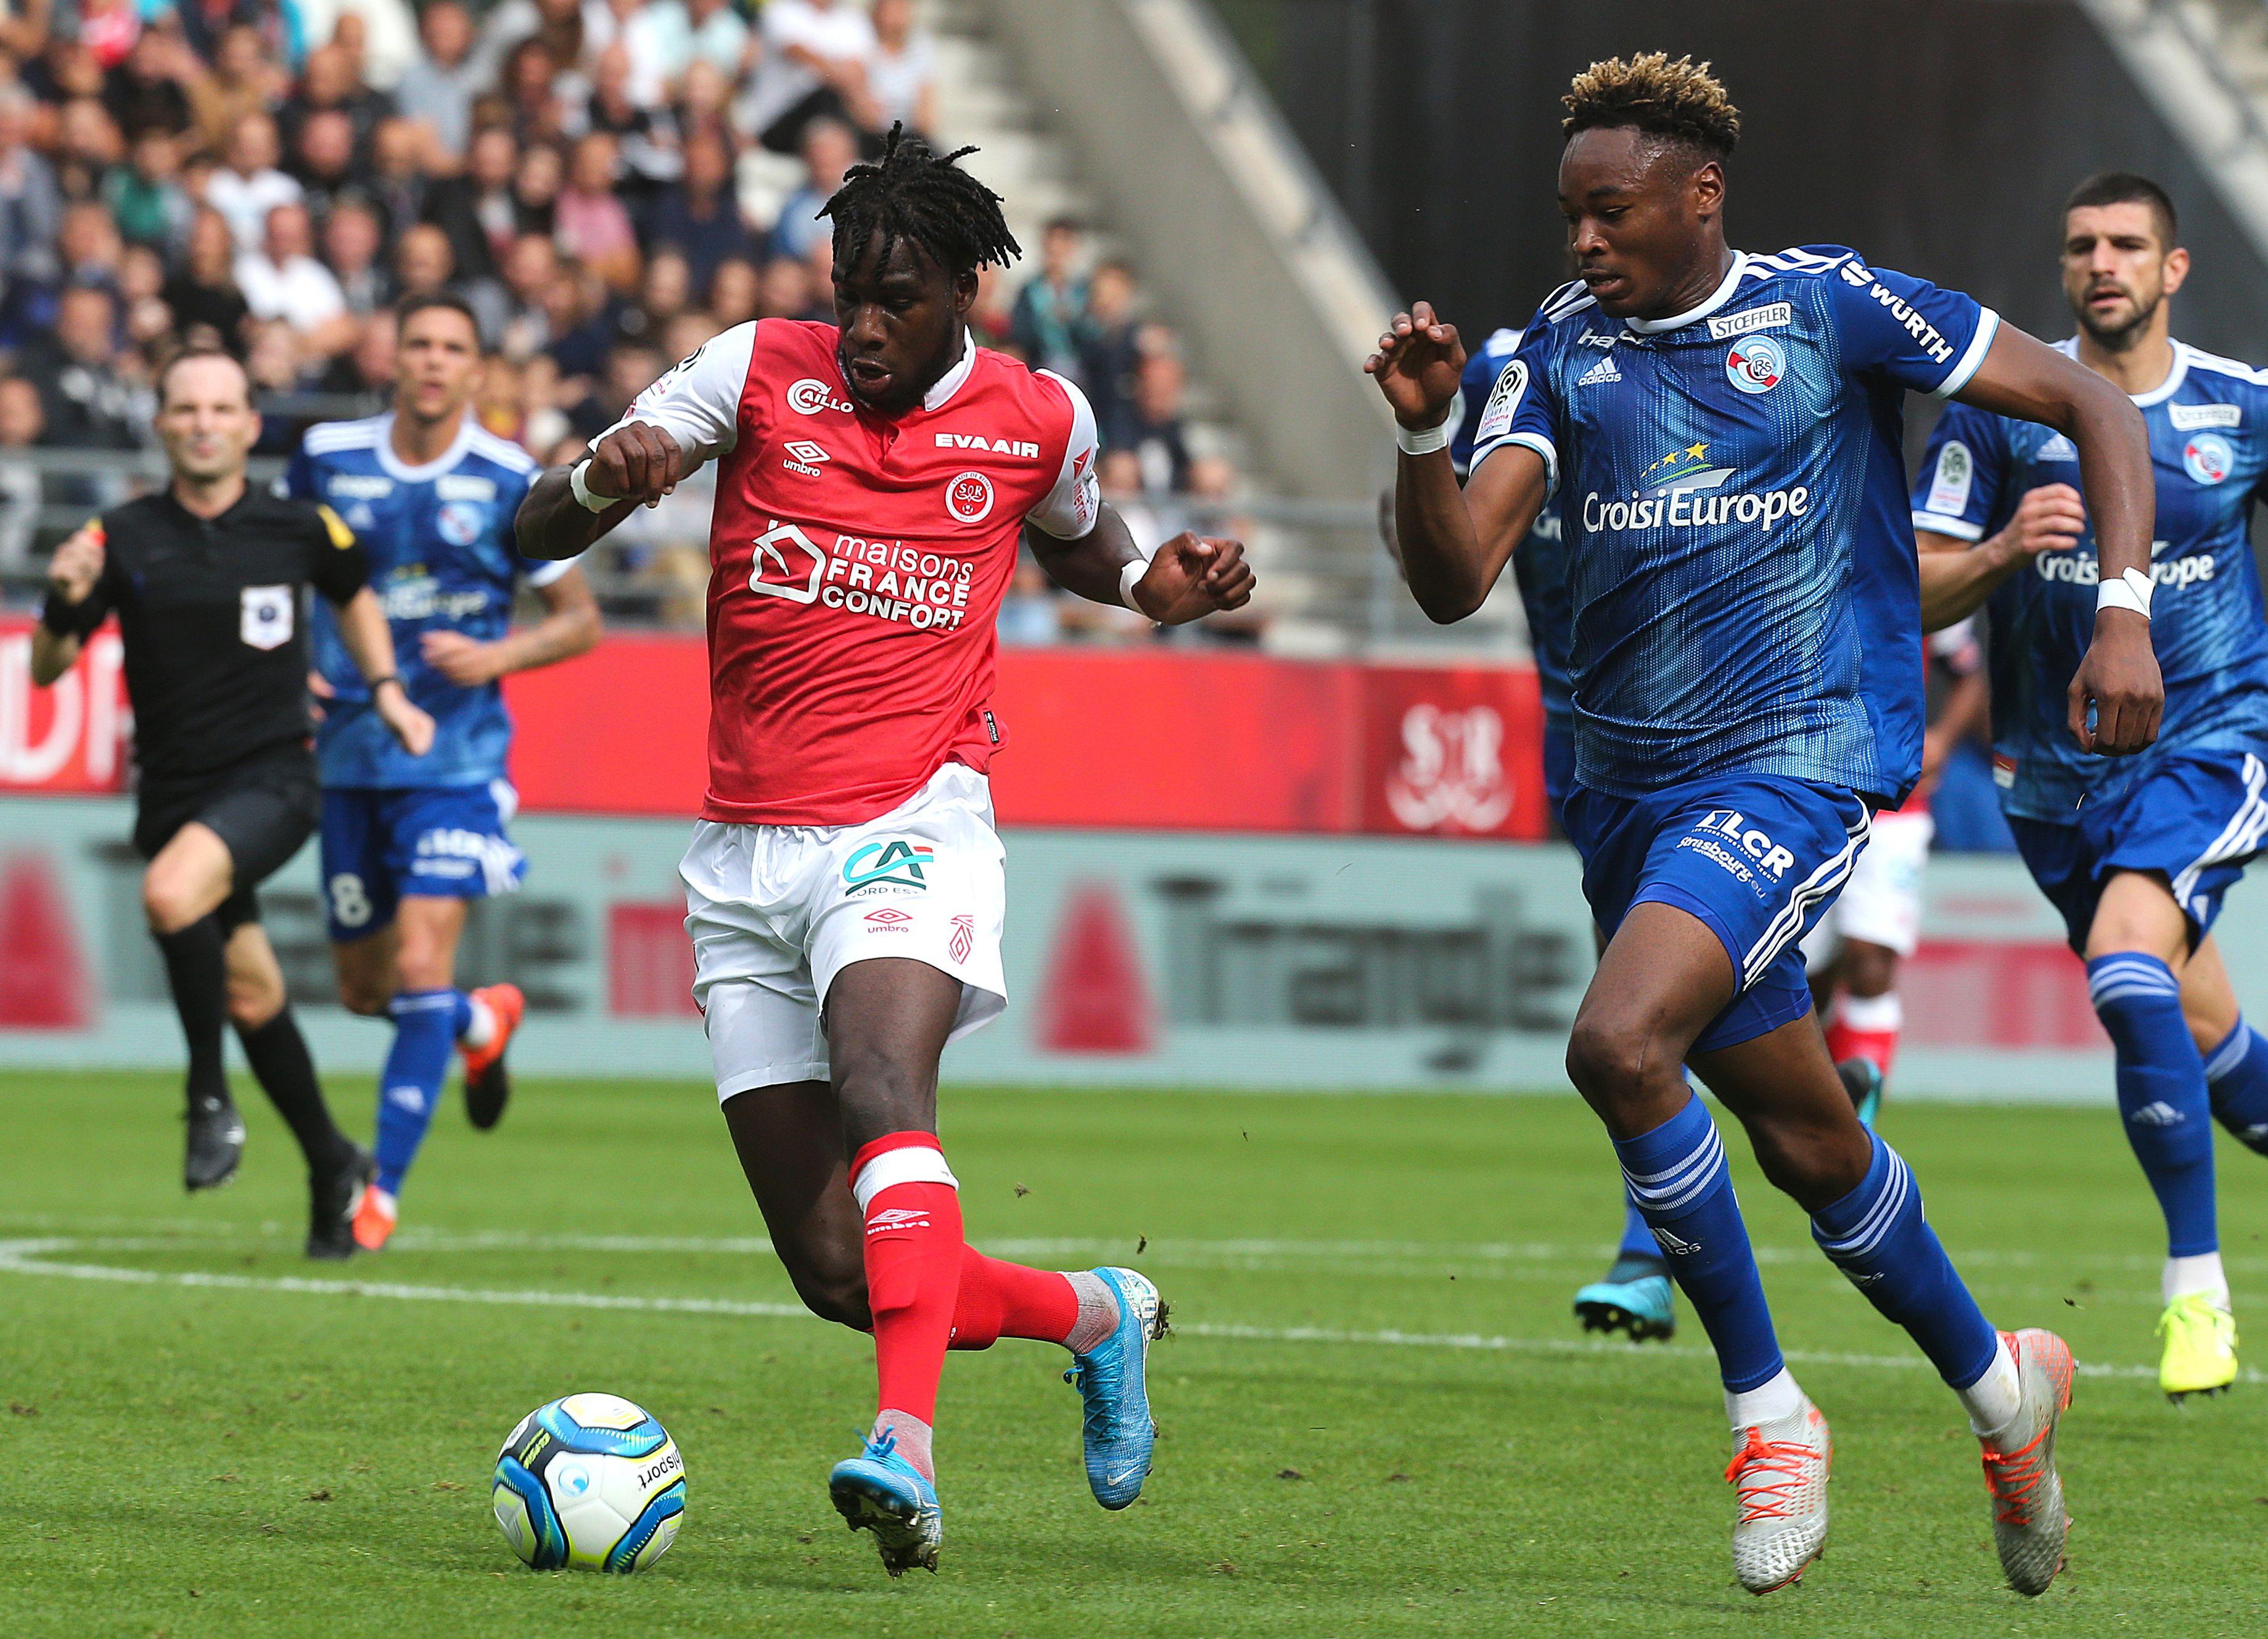 Reims-Strasbourg 0-0 : Reims et Strasbourg dos à dos